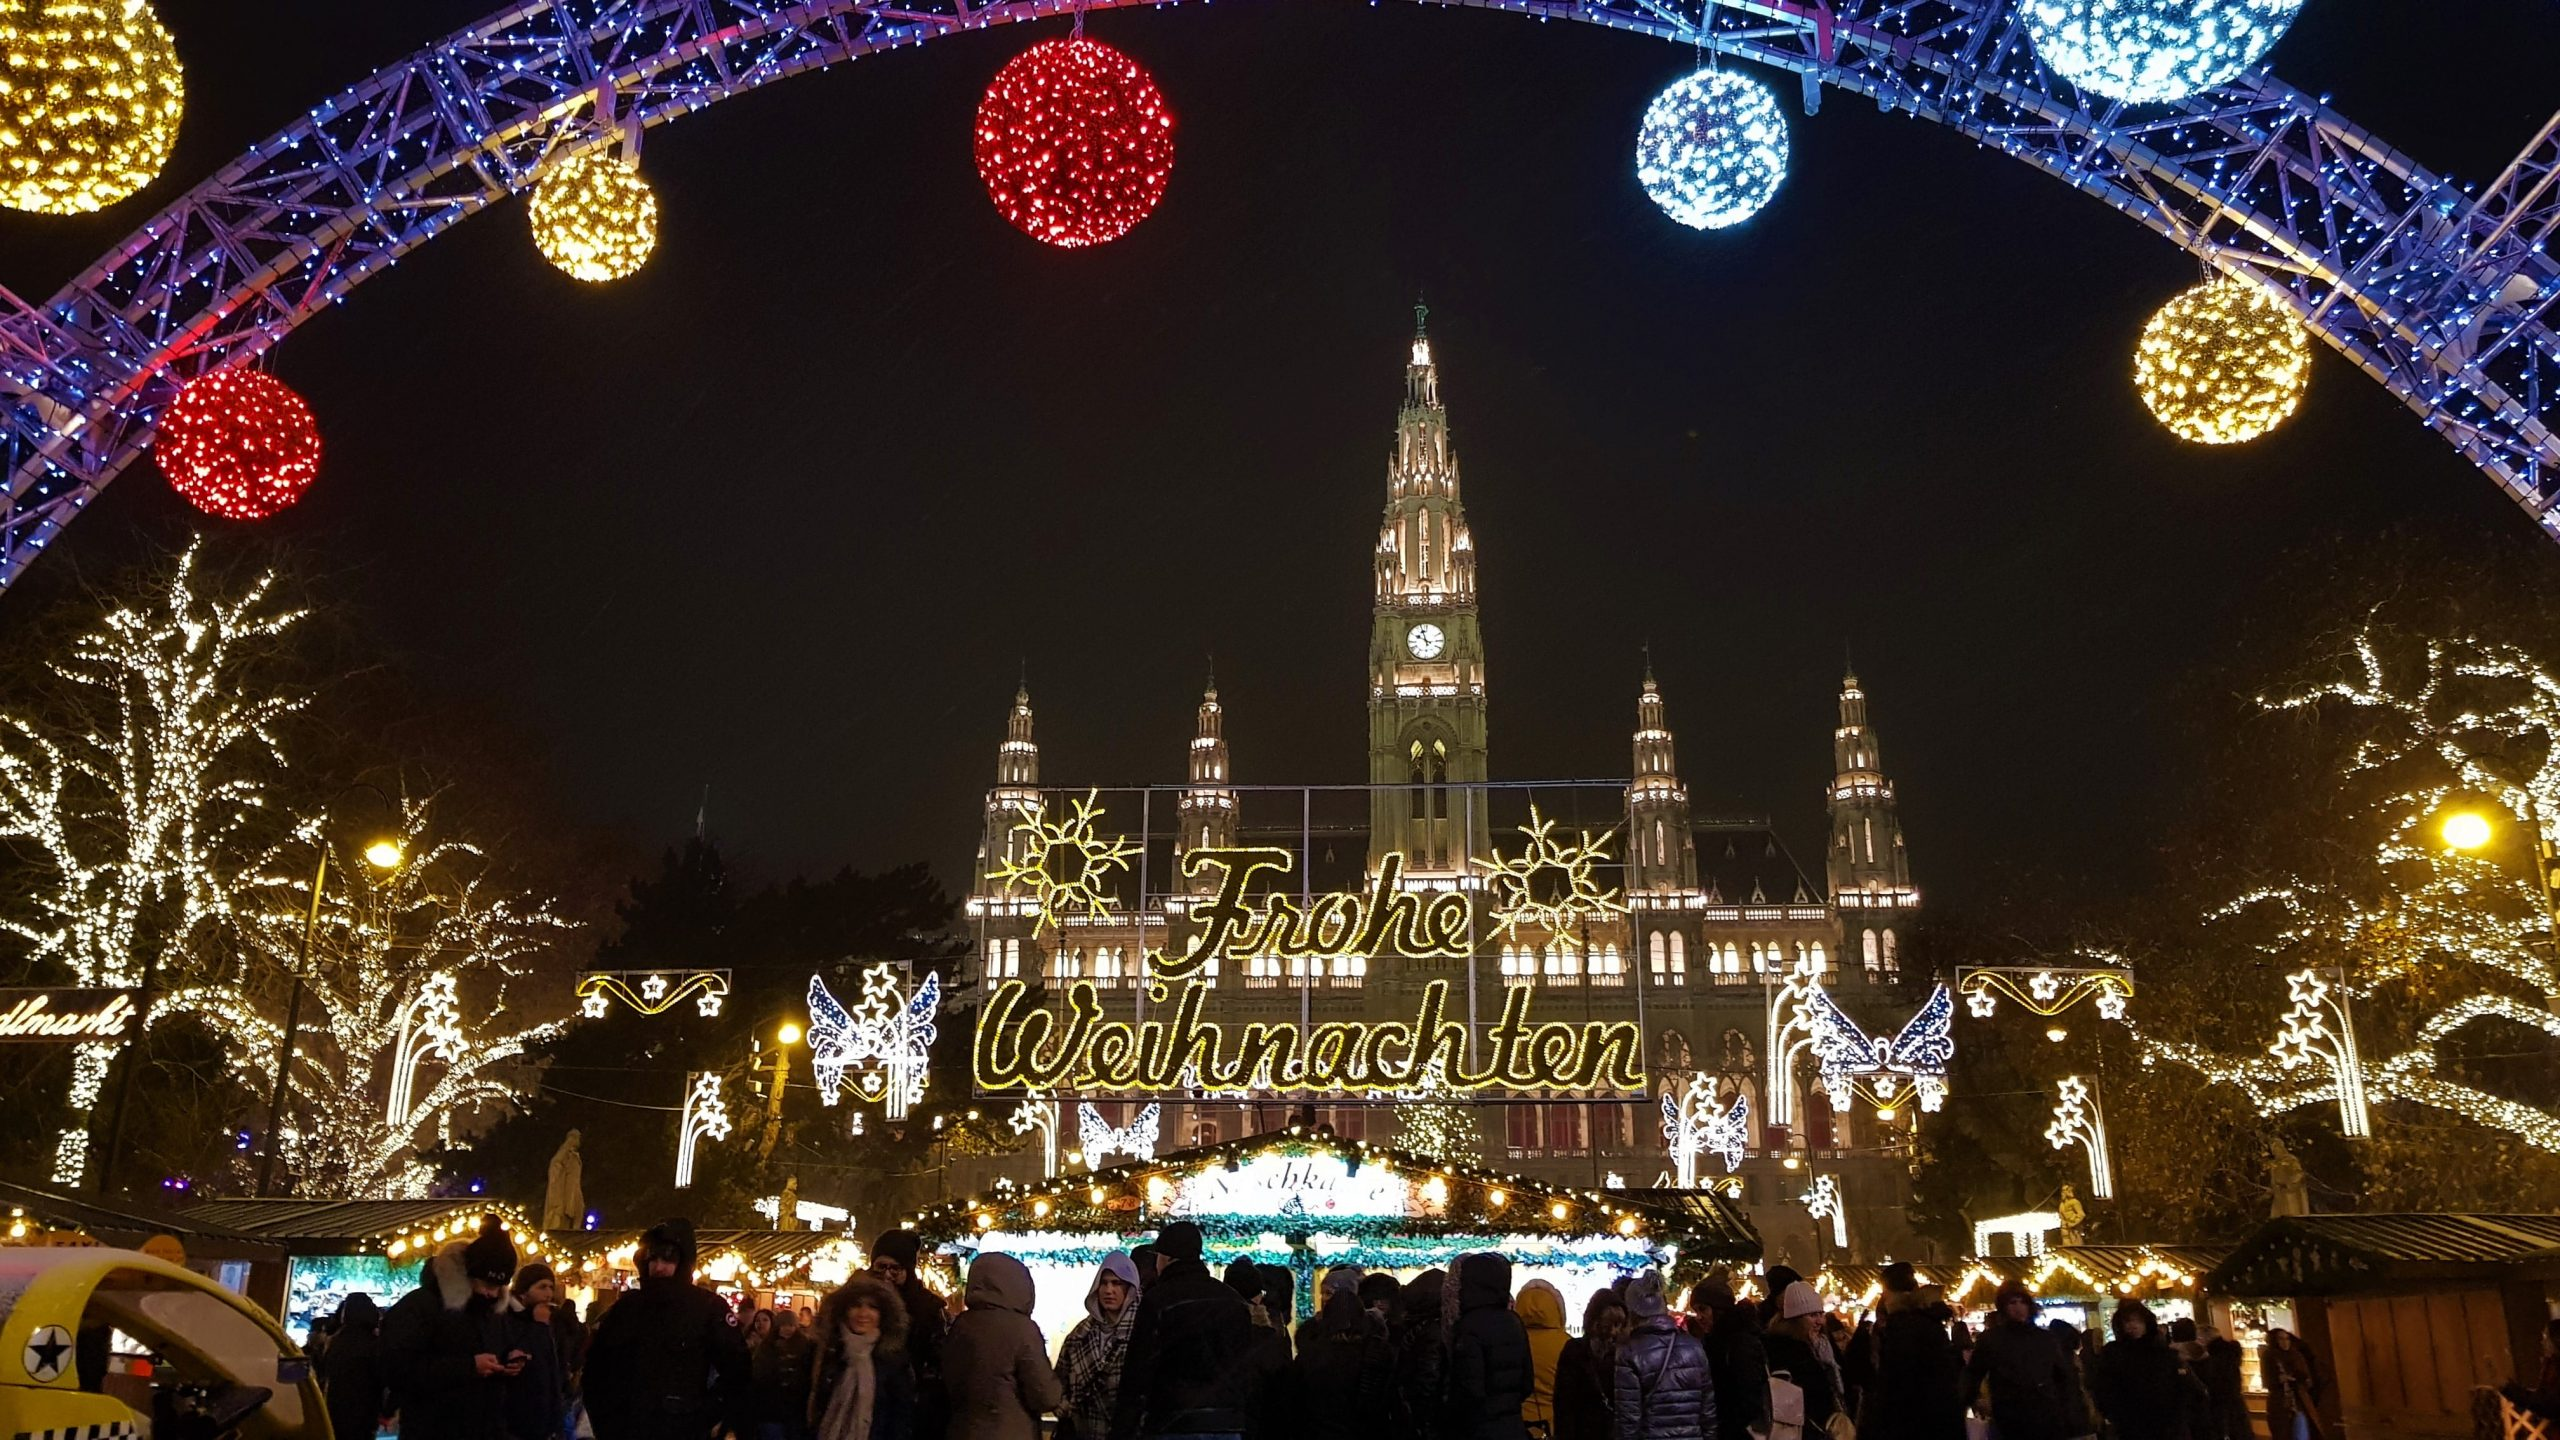 Mercado de Christkindlmarkt en Vienade de noche con el ayuntamiento de fondo